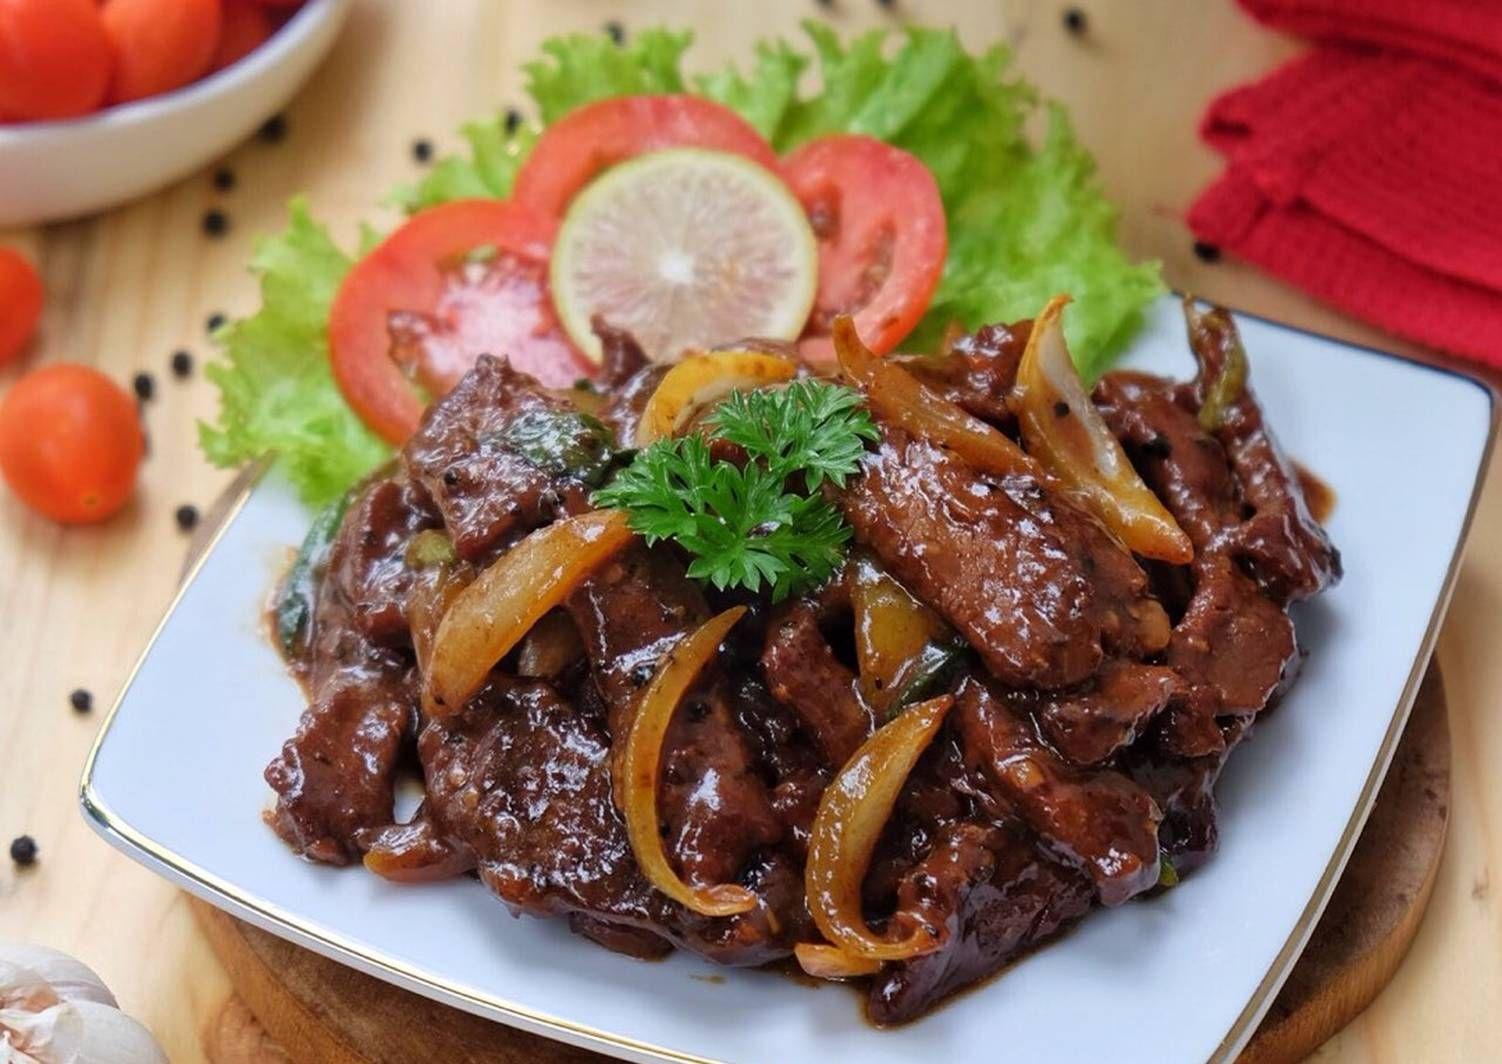 Resep Tumis Daging Bawang Bombay Oleh Susi Agung Resep Resep Daging Resep Daging Sapi Tumis